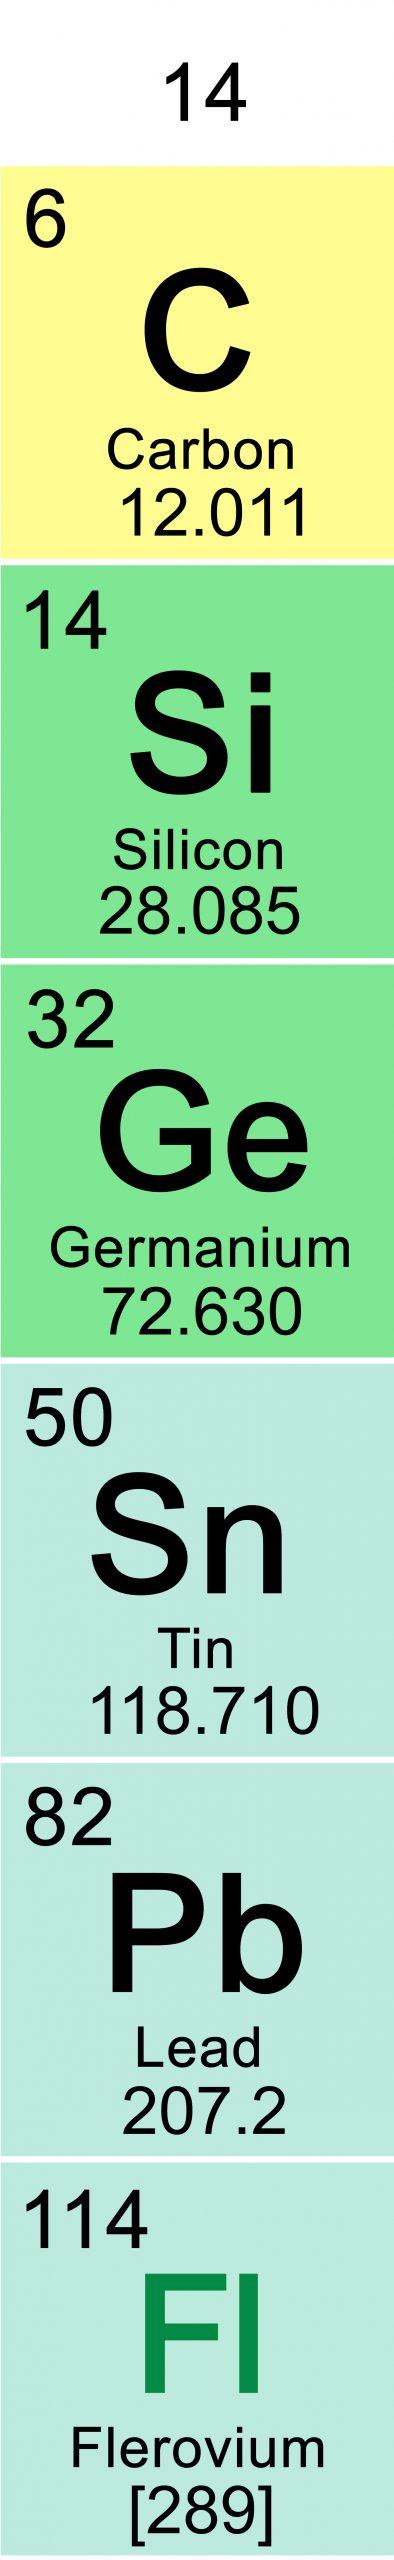 سلايدات بوربوينت powerpoint كيمياء المجموعة الرئيسة – المجموعة الرابعة (14) – مجموعة الكربون